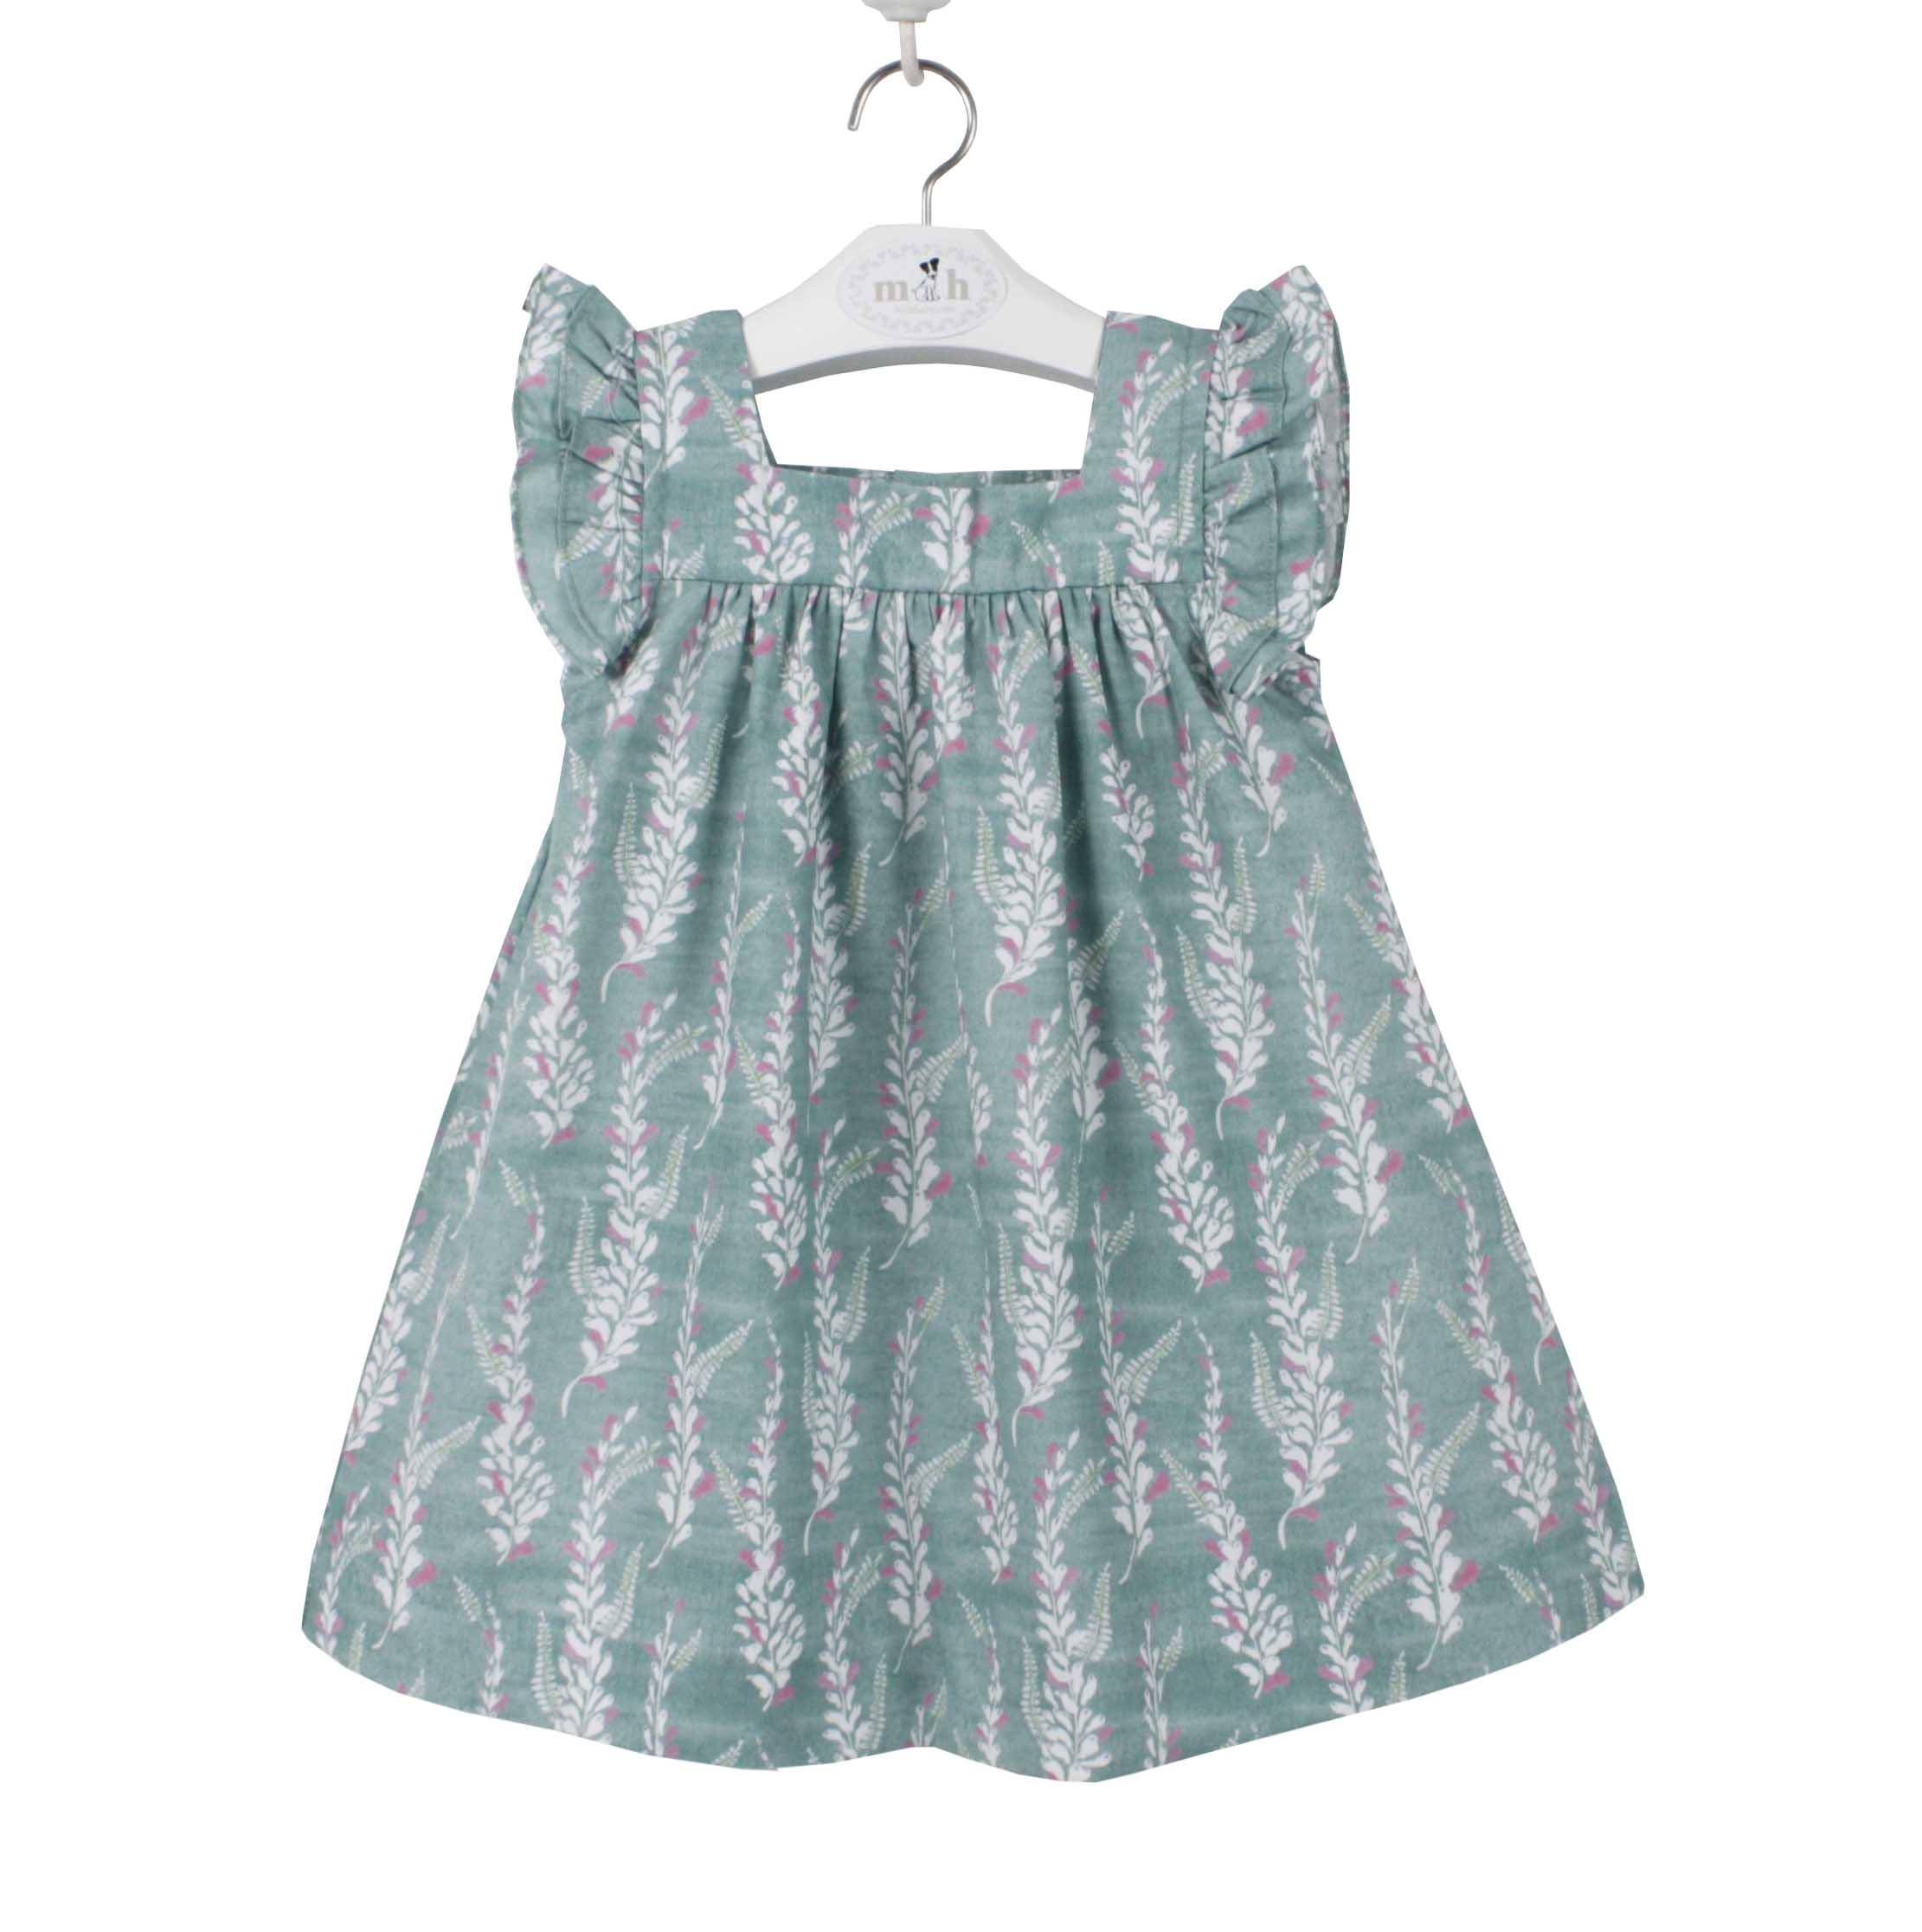 vestido-nina-verde-y-rosa-ab02e3548478044d.jpg